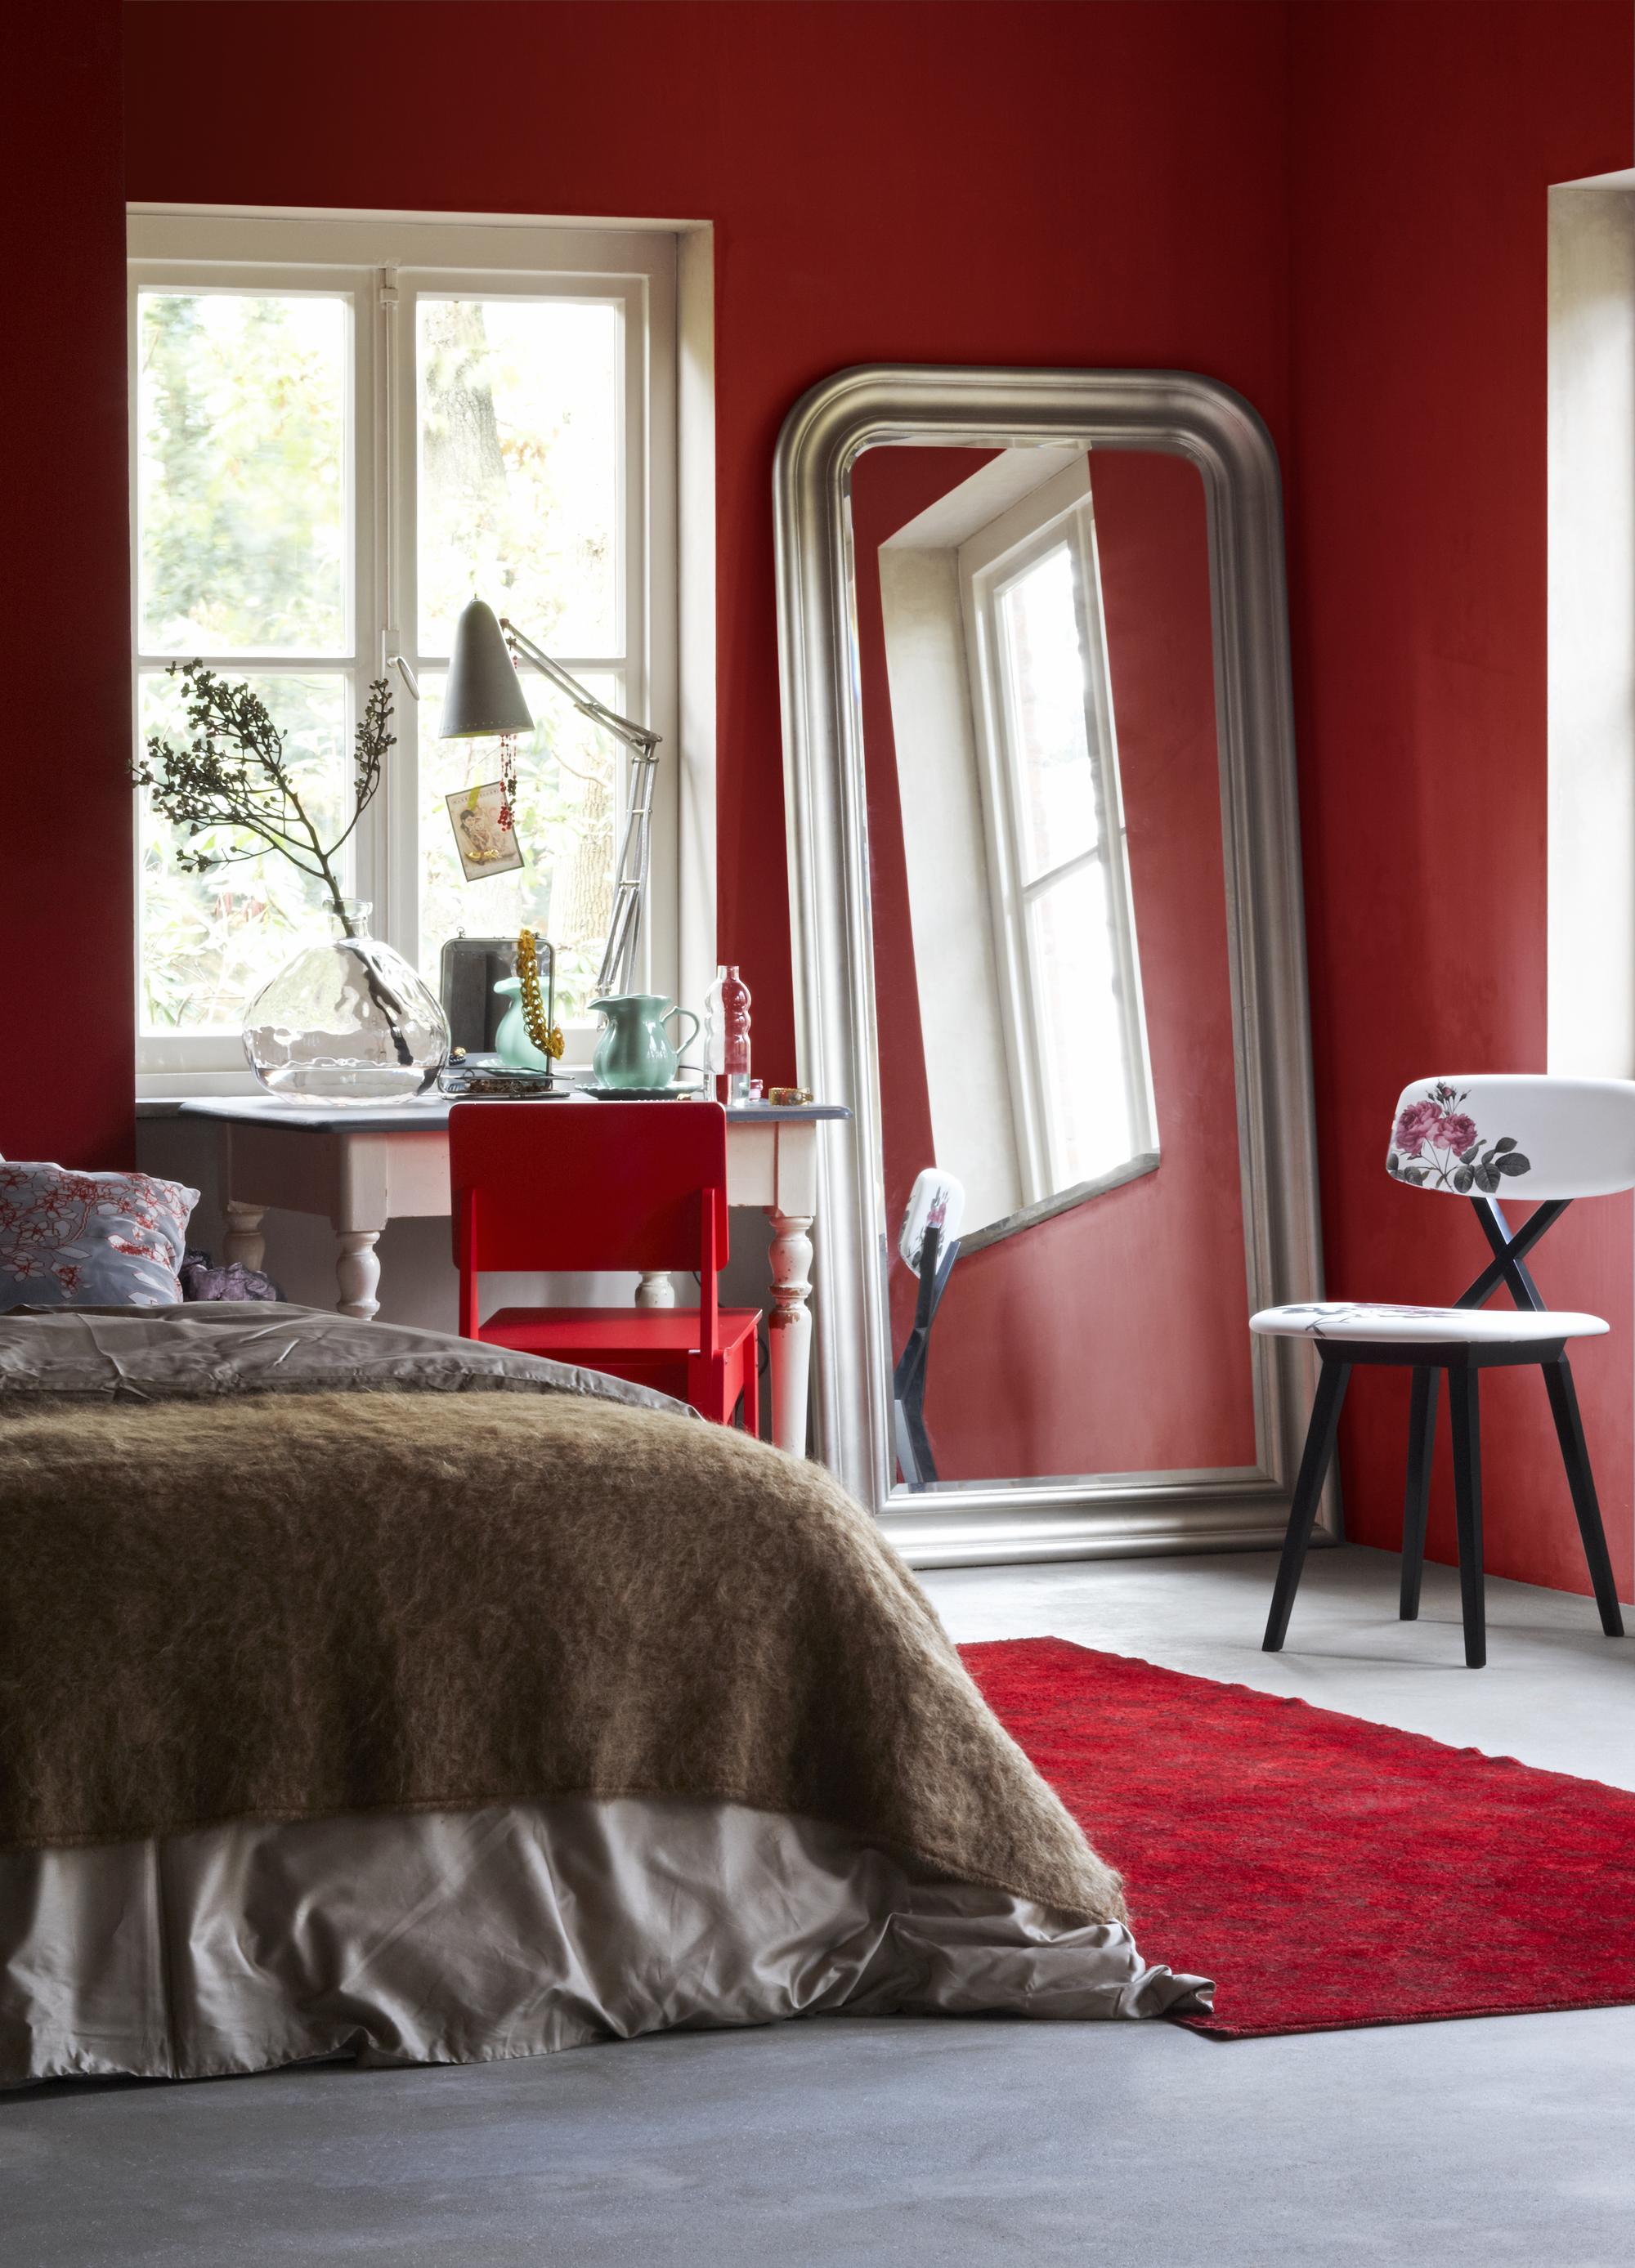 rode slaapkamer - rood in huis